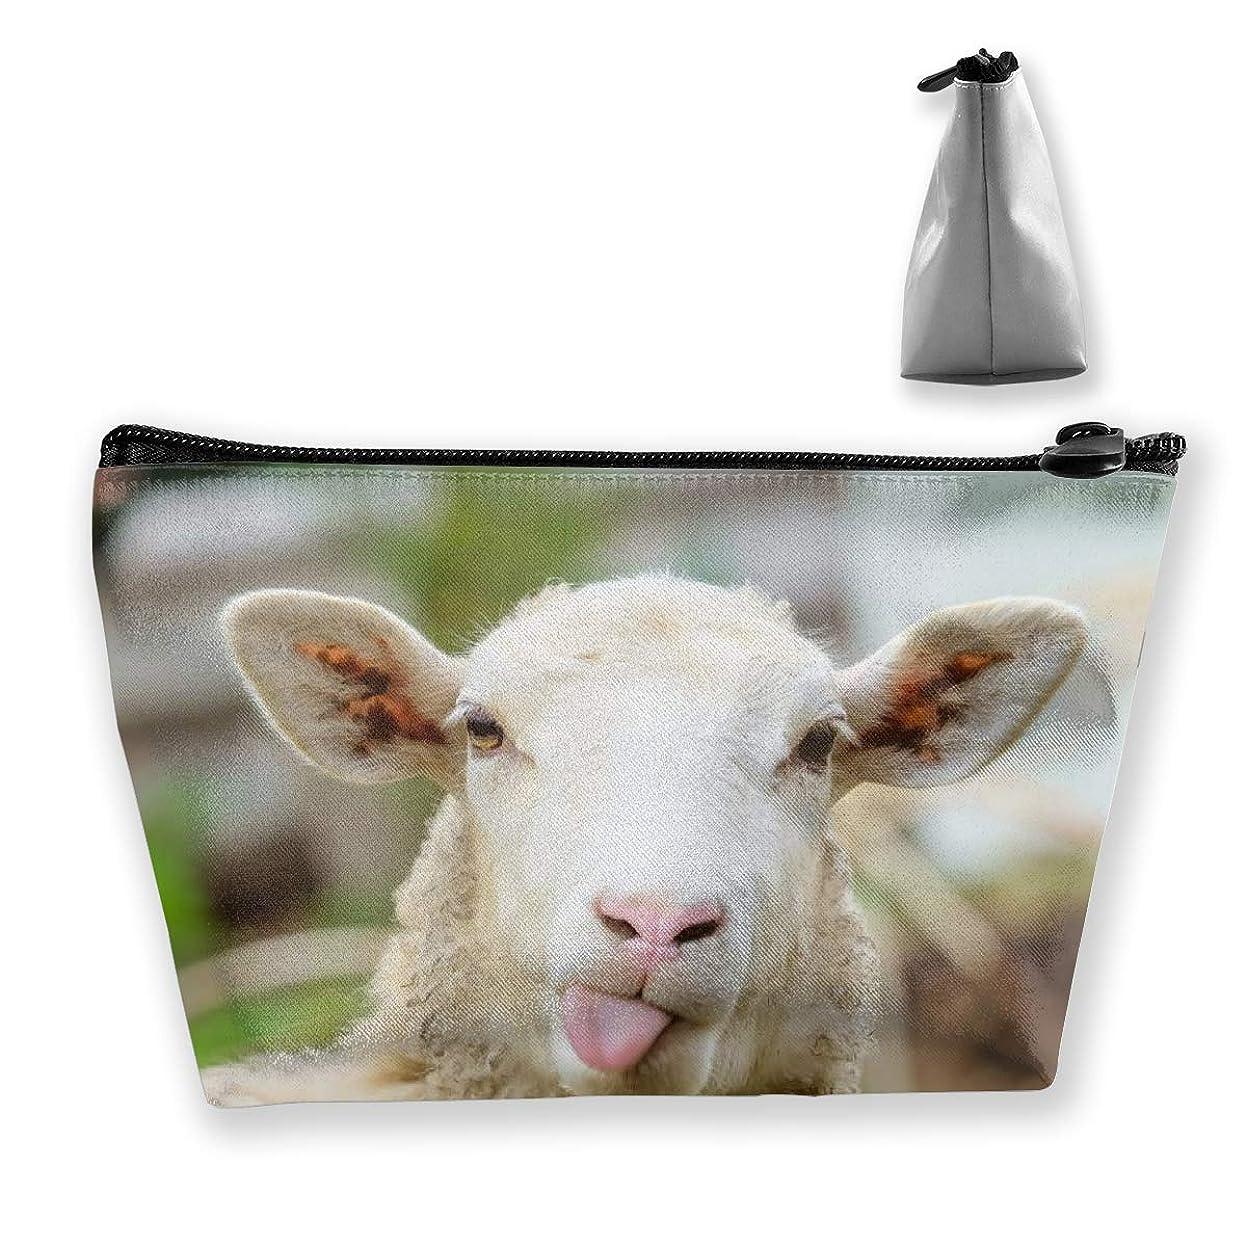 傾向がありますボックス誰の収納ポーチ 面白いいたずらな羊 化粧ポーチ トラベルポーチ 小物入れ 小財布 防水 大容量 旅行 おしゃれ